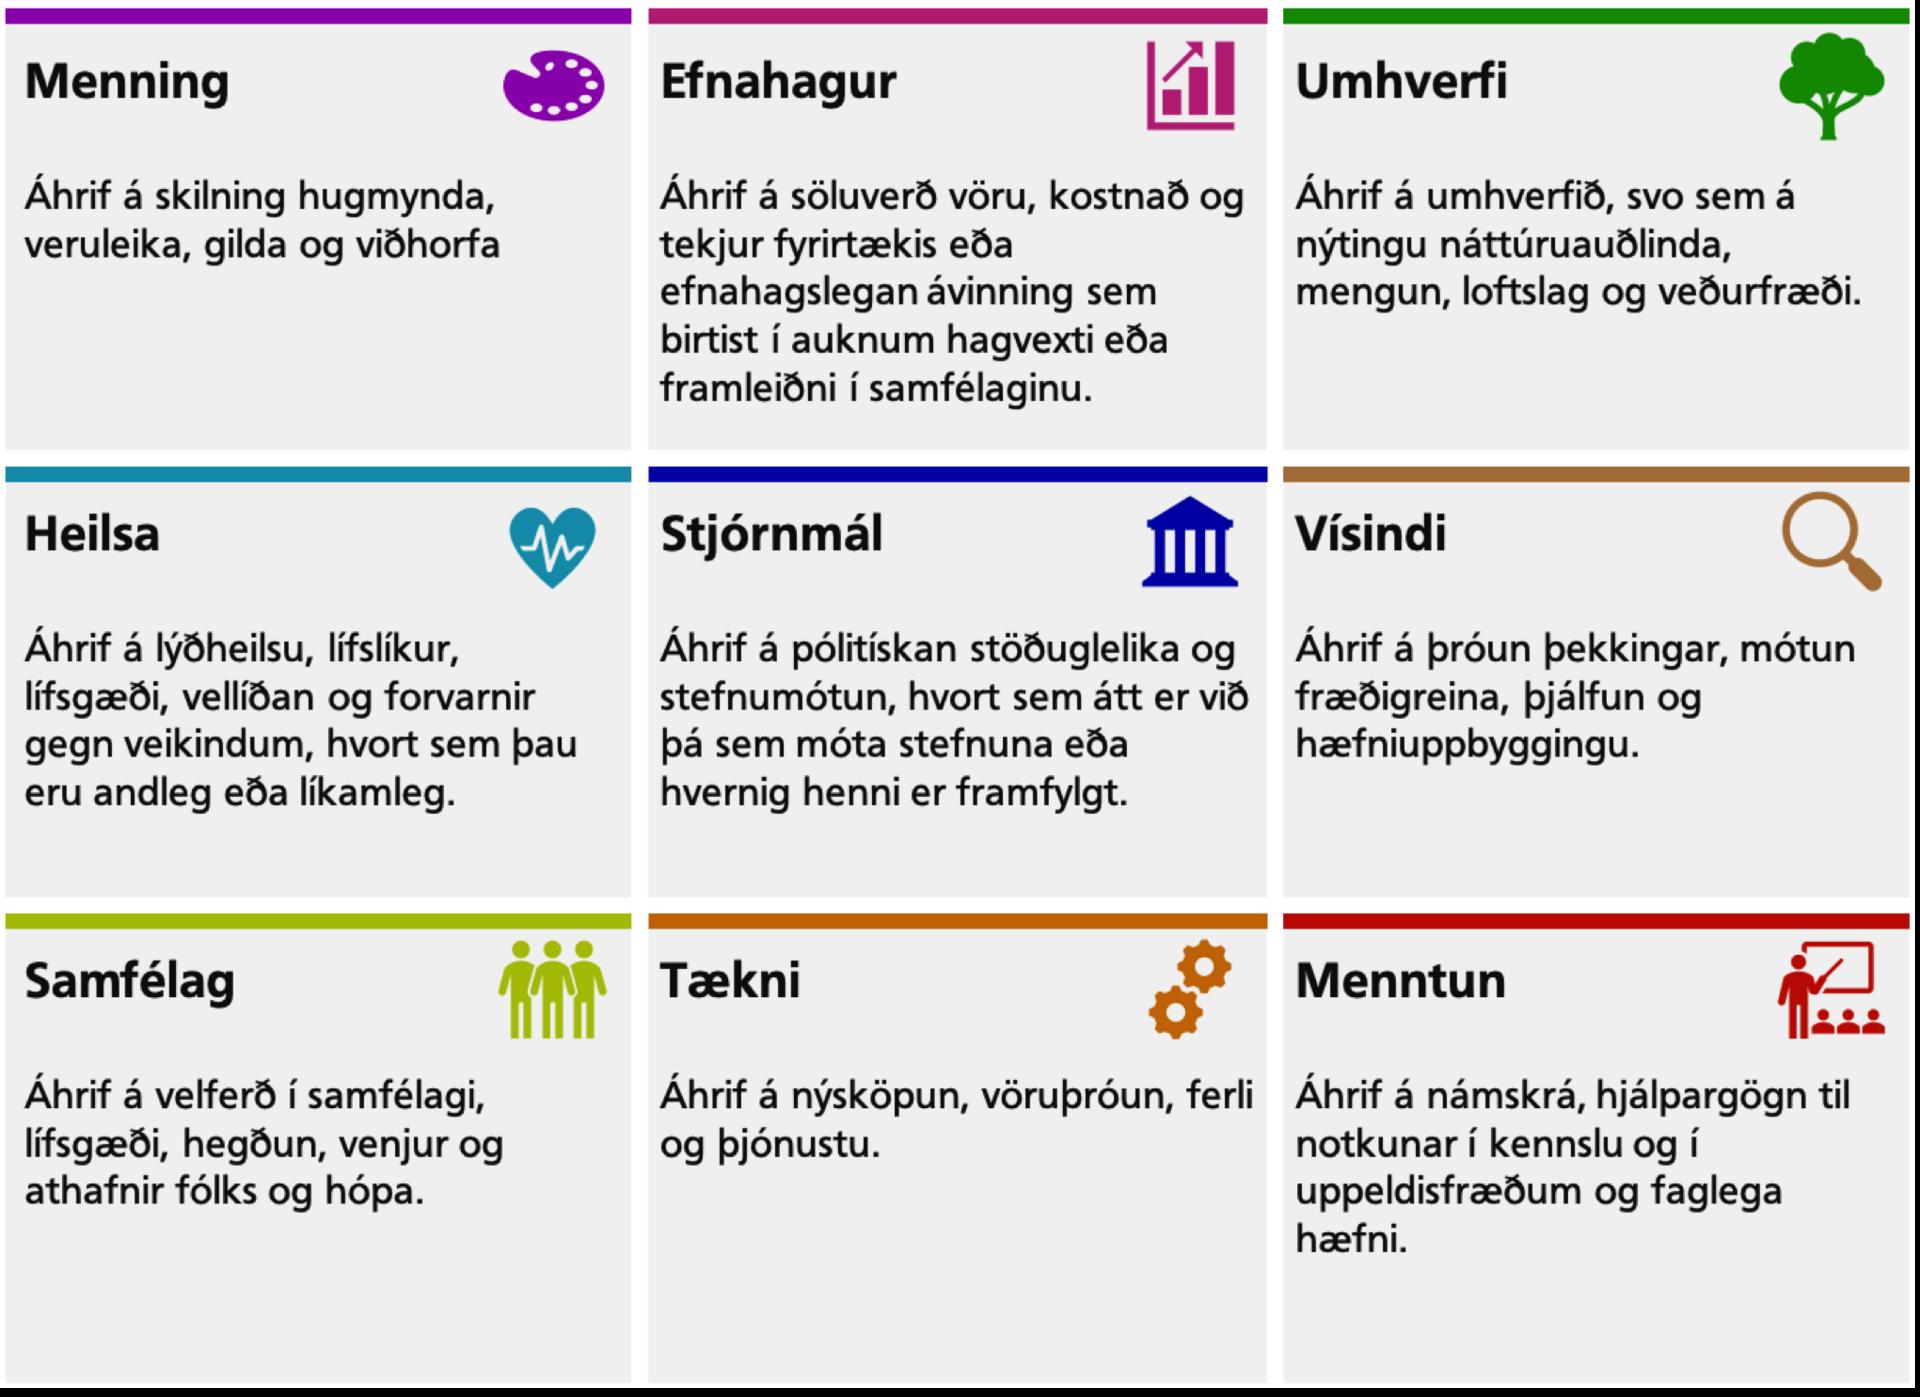 Flokkun áhrifaþátta: Menning, efnahagur, umhverfi, heilsa, stjórnmál, vísindi, samfélag, tækni, menntun